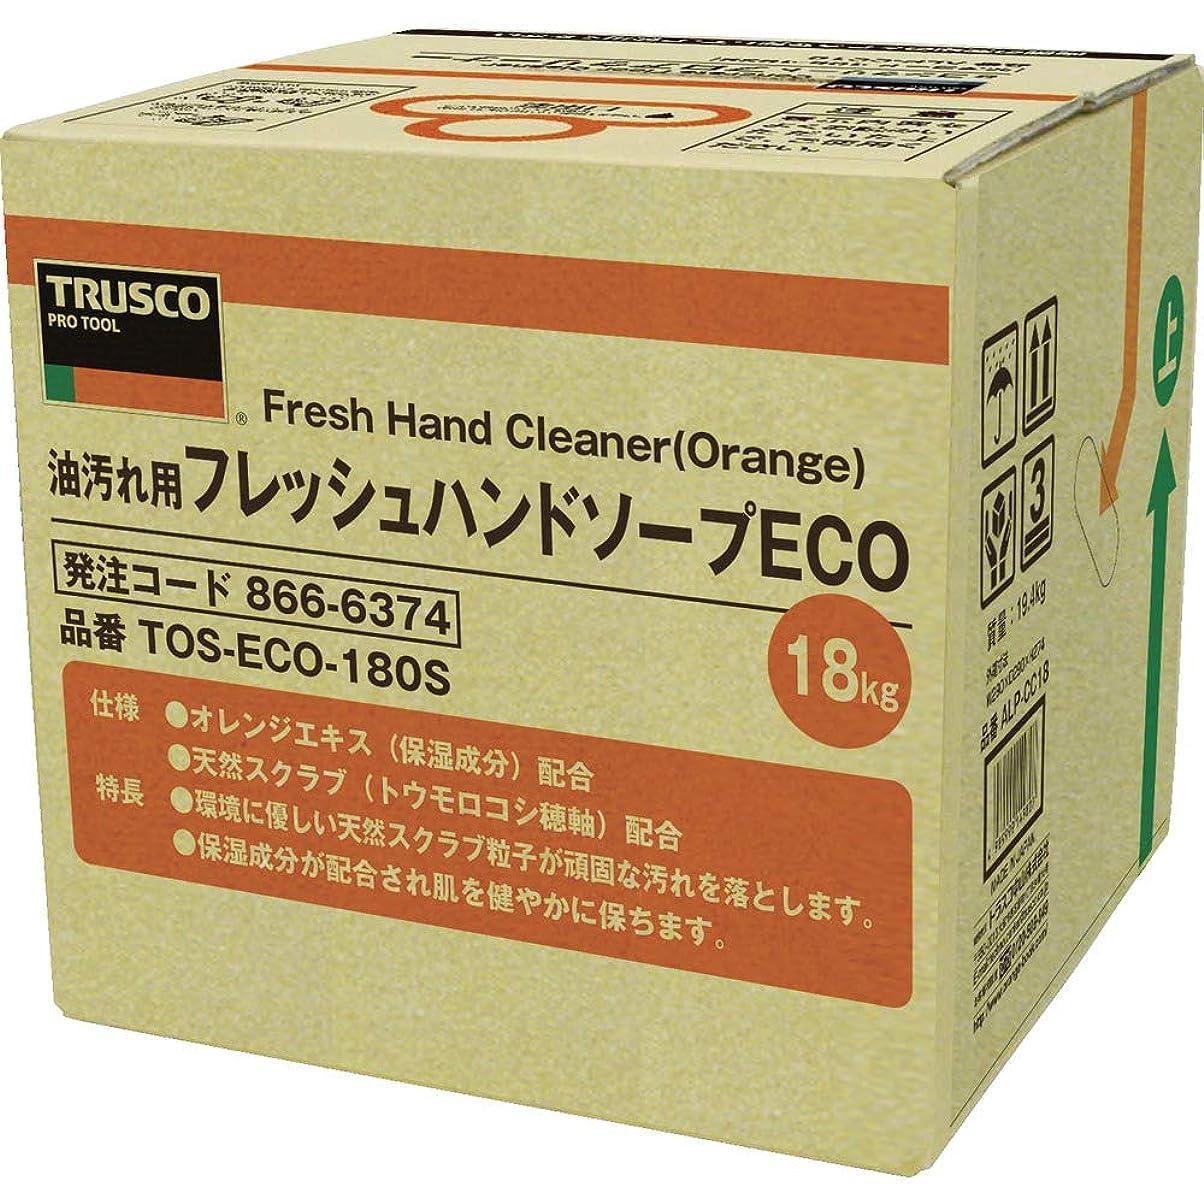 ジャンクジャベスウィルソン精査するTRUSCO(トラスコ) フレッシュハンドソープECO 18L 詰替 バッグインボックス TOSECO180S